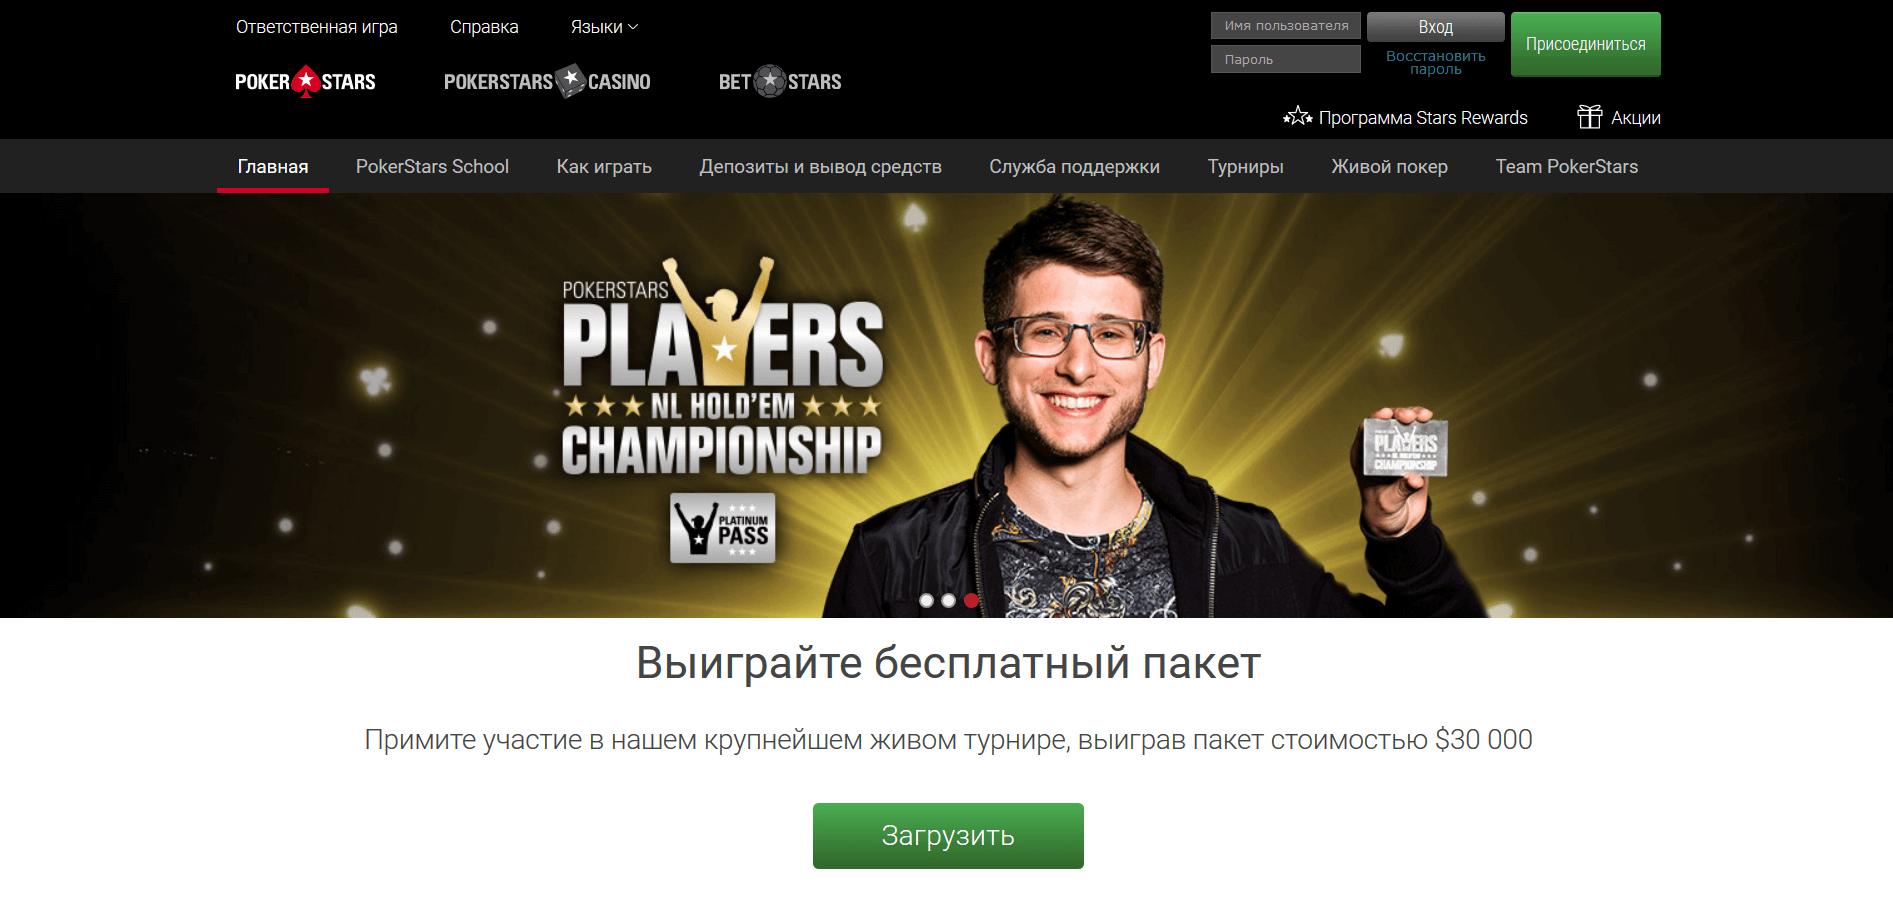 официальный сайт Покер старс